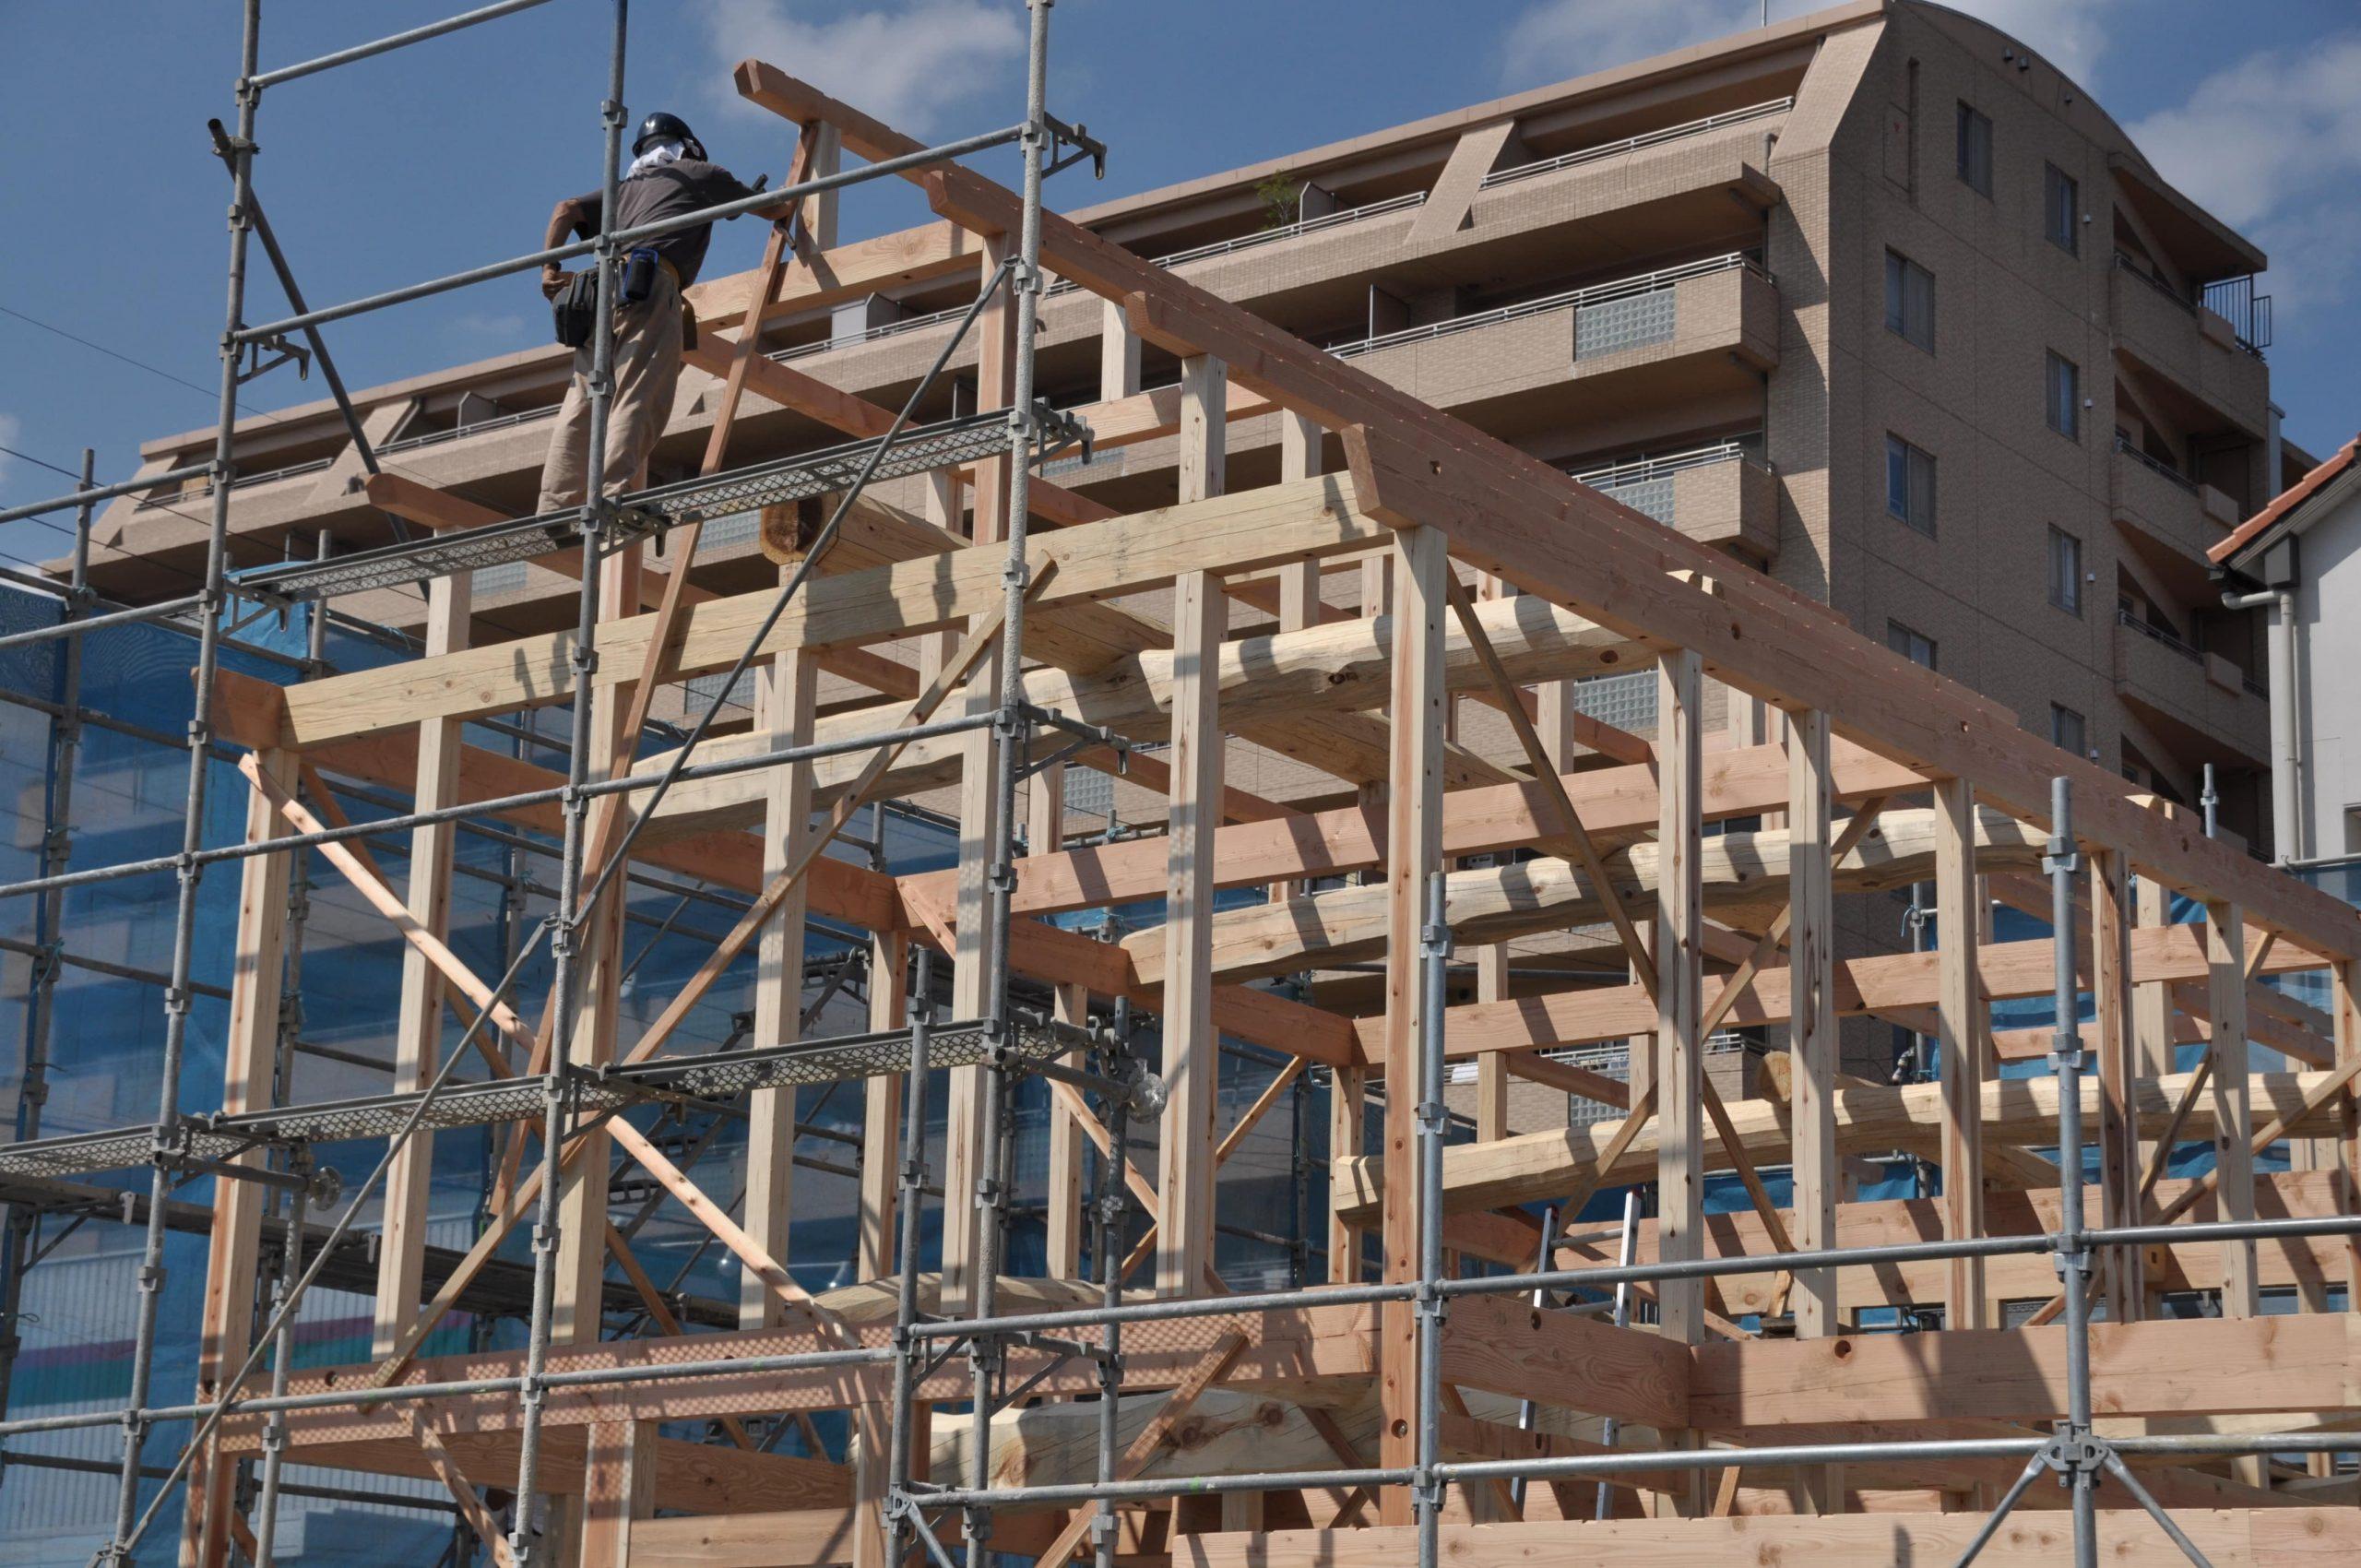 愛知県小牧市の一級建築士事務所「(株)和田建設」天然木を使った天然素材の木造店舗、新築リフォーム(改装 増改築)の施工事例です!カフェのデザインもできる工務店をお探しの方へ。